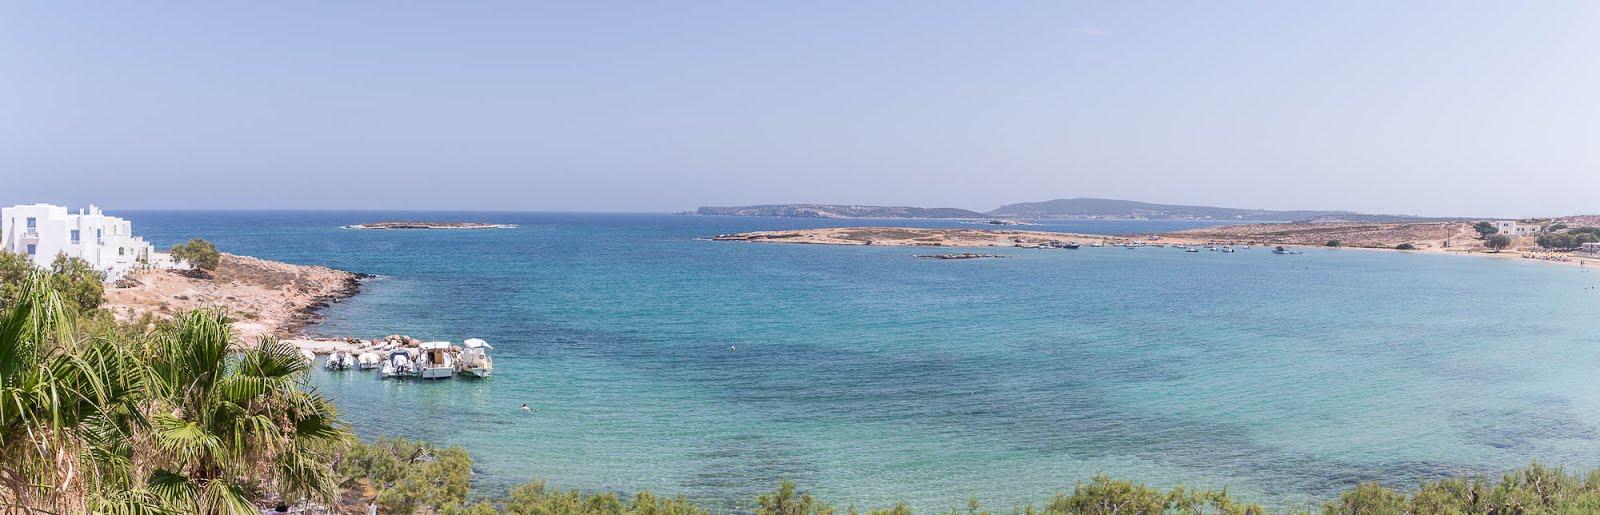 Naoussa Paros